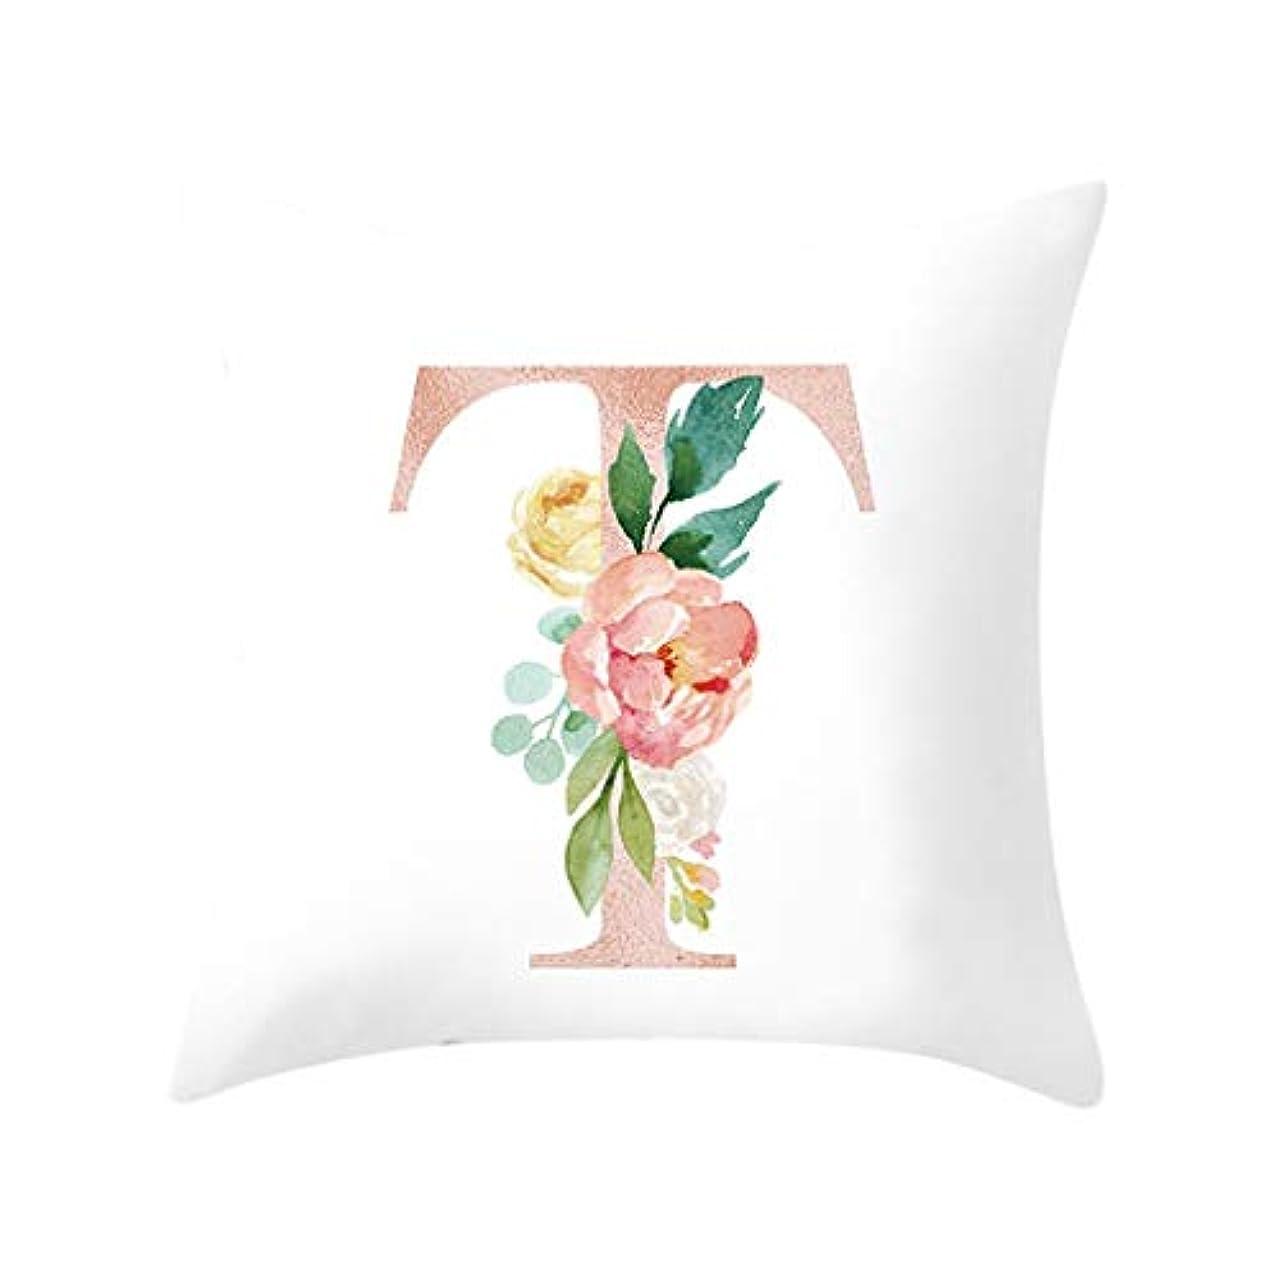 ファイル英語の授業がありますリーフレットLIFE 装飾クッションソファ手紙枕アルファベットクッション印刷ソファ家の装飾の花枕 coussin decoratif クッション 椅子